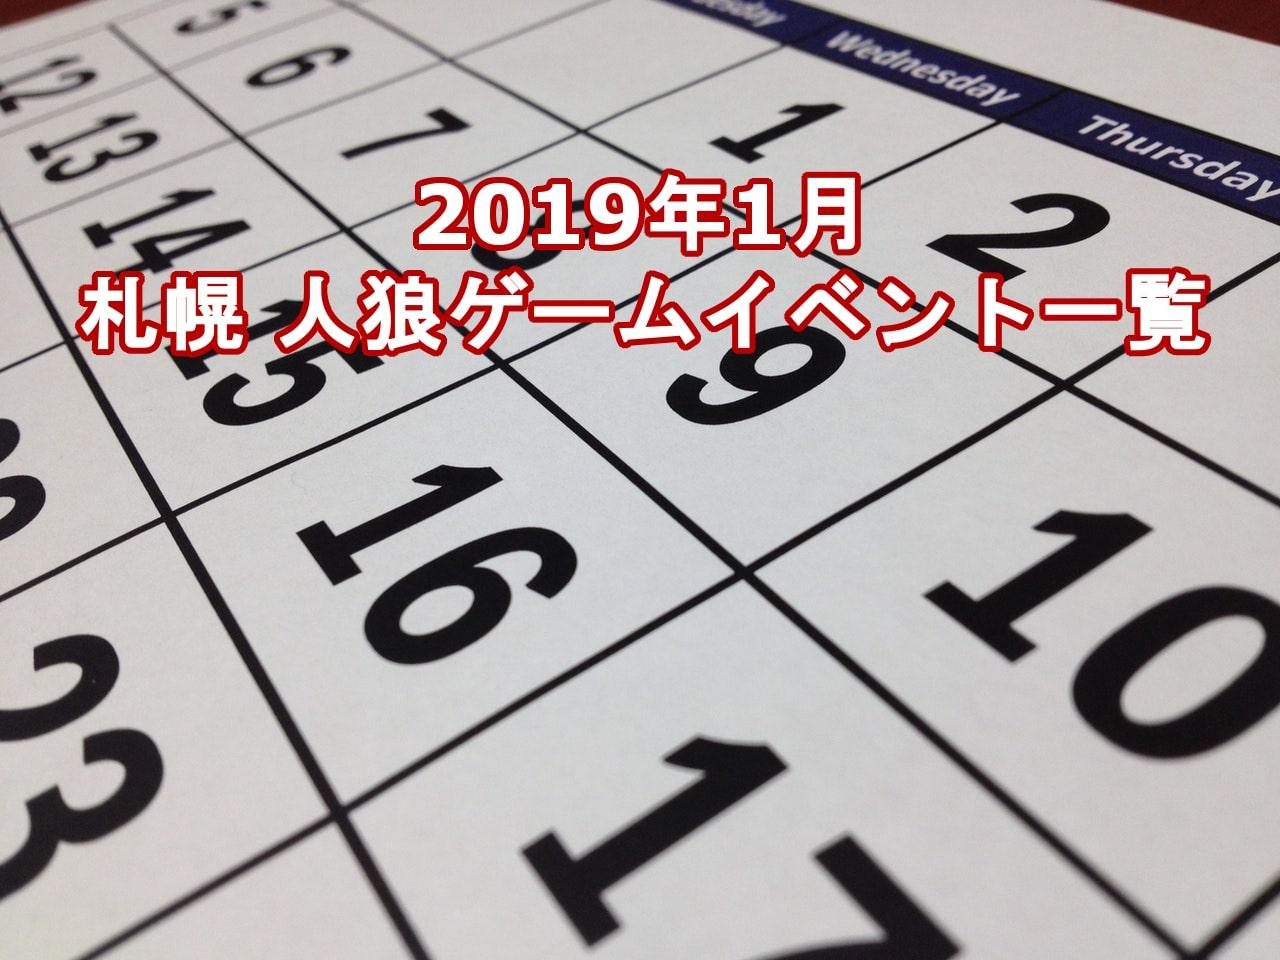 札幌 人狼ゲームイベント 2019年1月